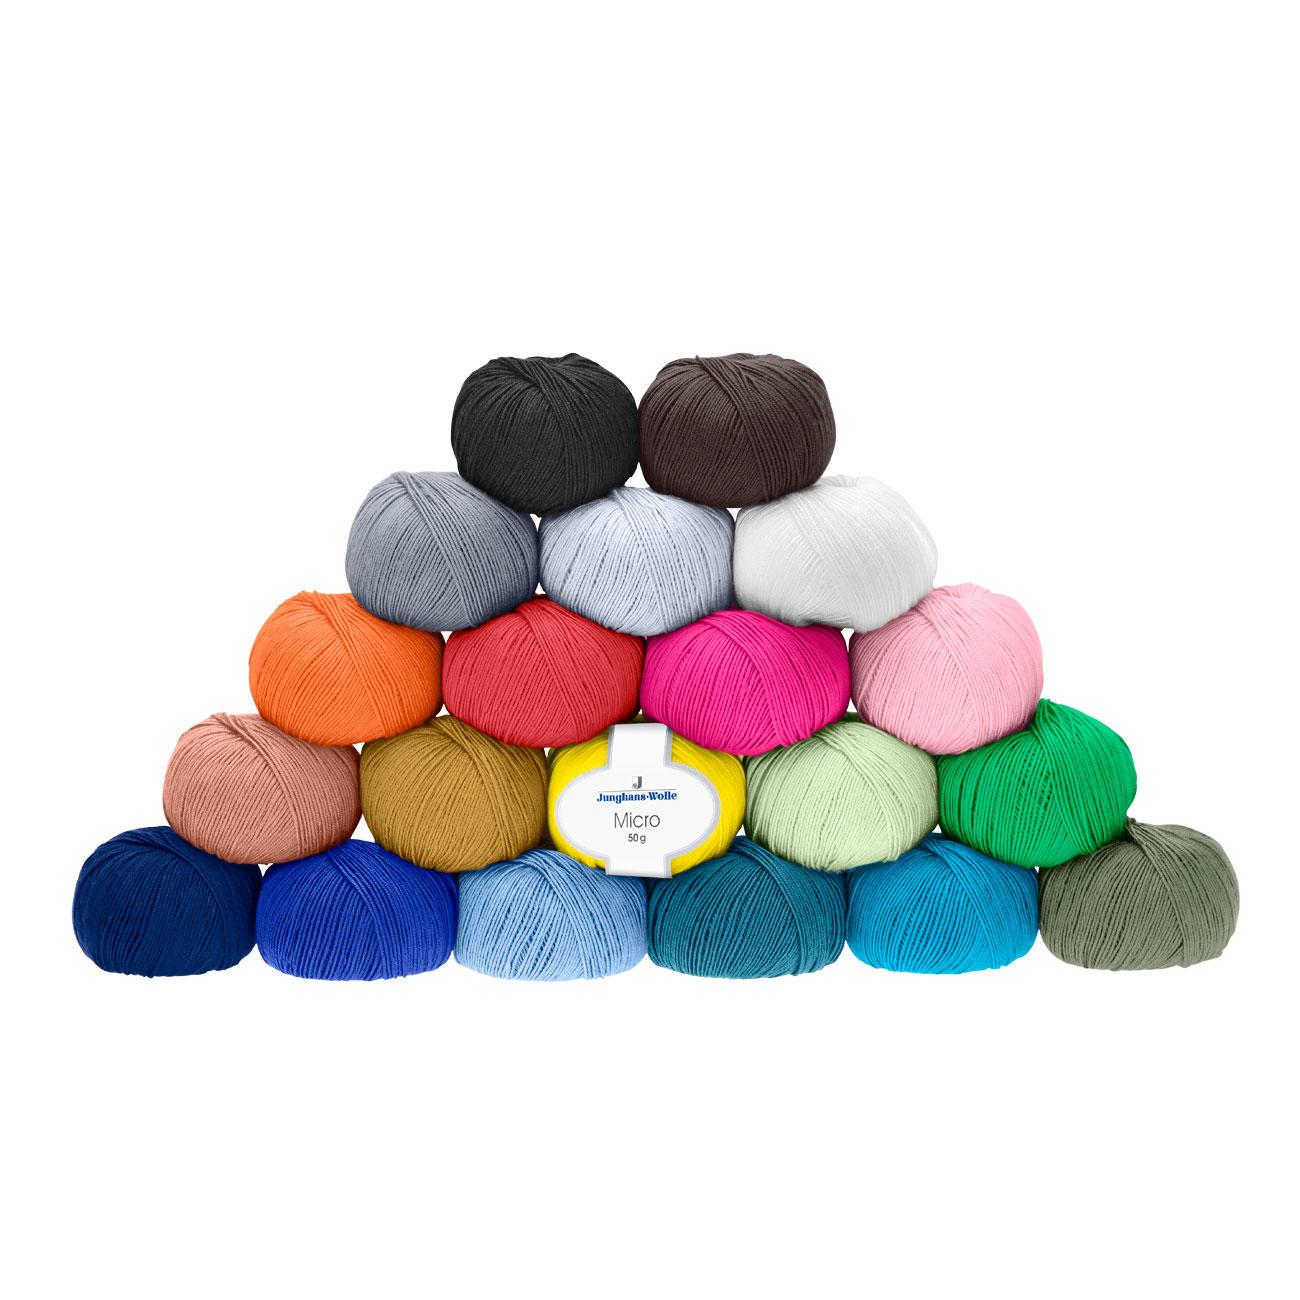 Micro Von Junghans Wolle 20 Versch Farben